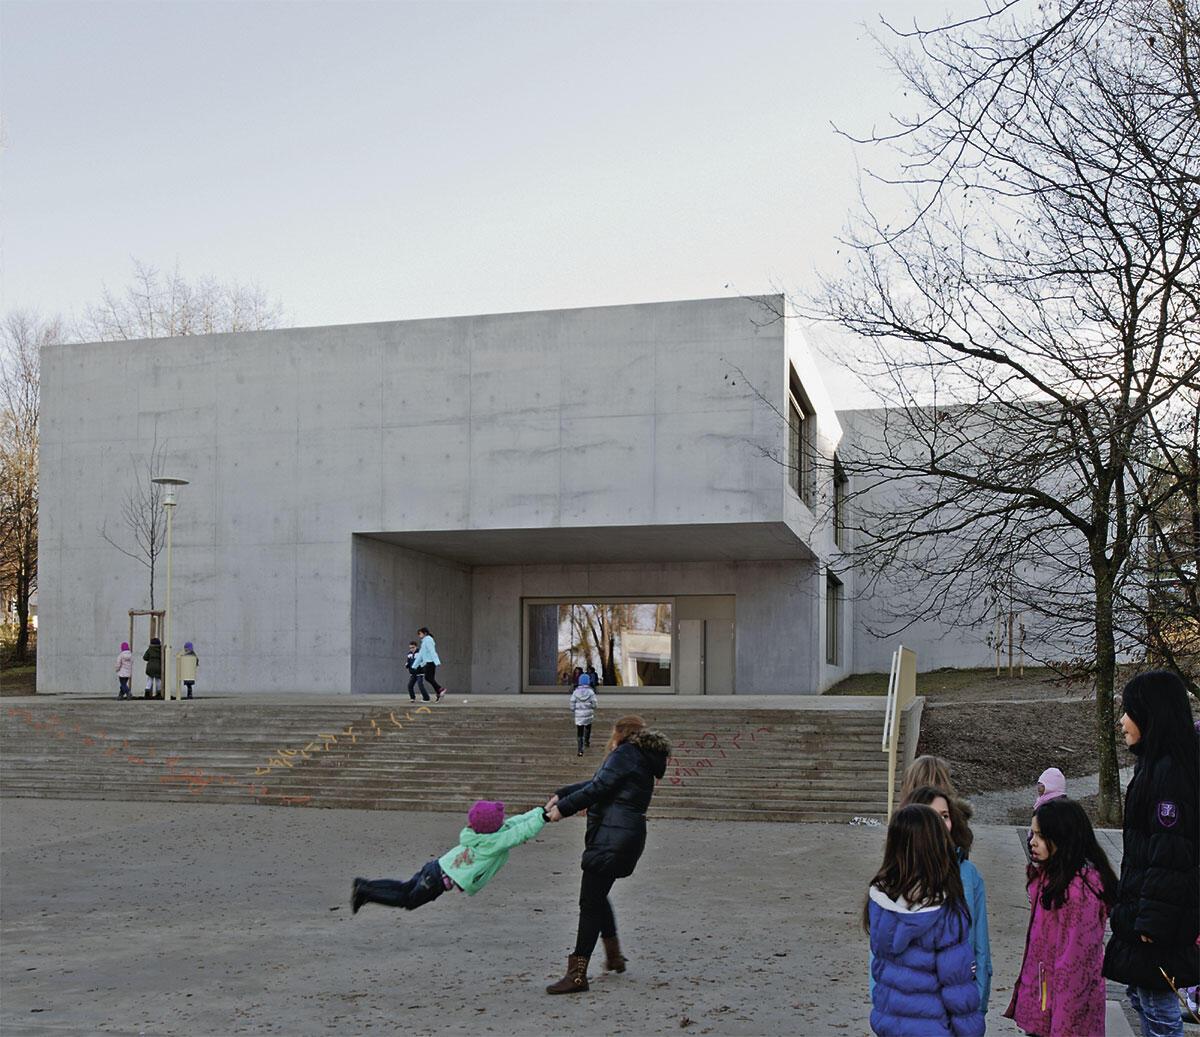 Schulhaus Heitera: Der Neubau im Schönberg-Quartier bildet den Abschluss einer im geneigten Terrain angelegten Abfolge von Schulen und weiteren öffentlichen Gebäuden.